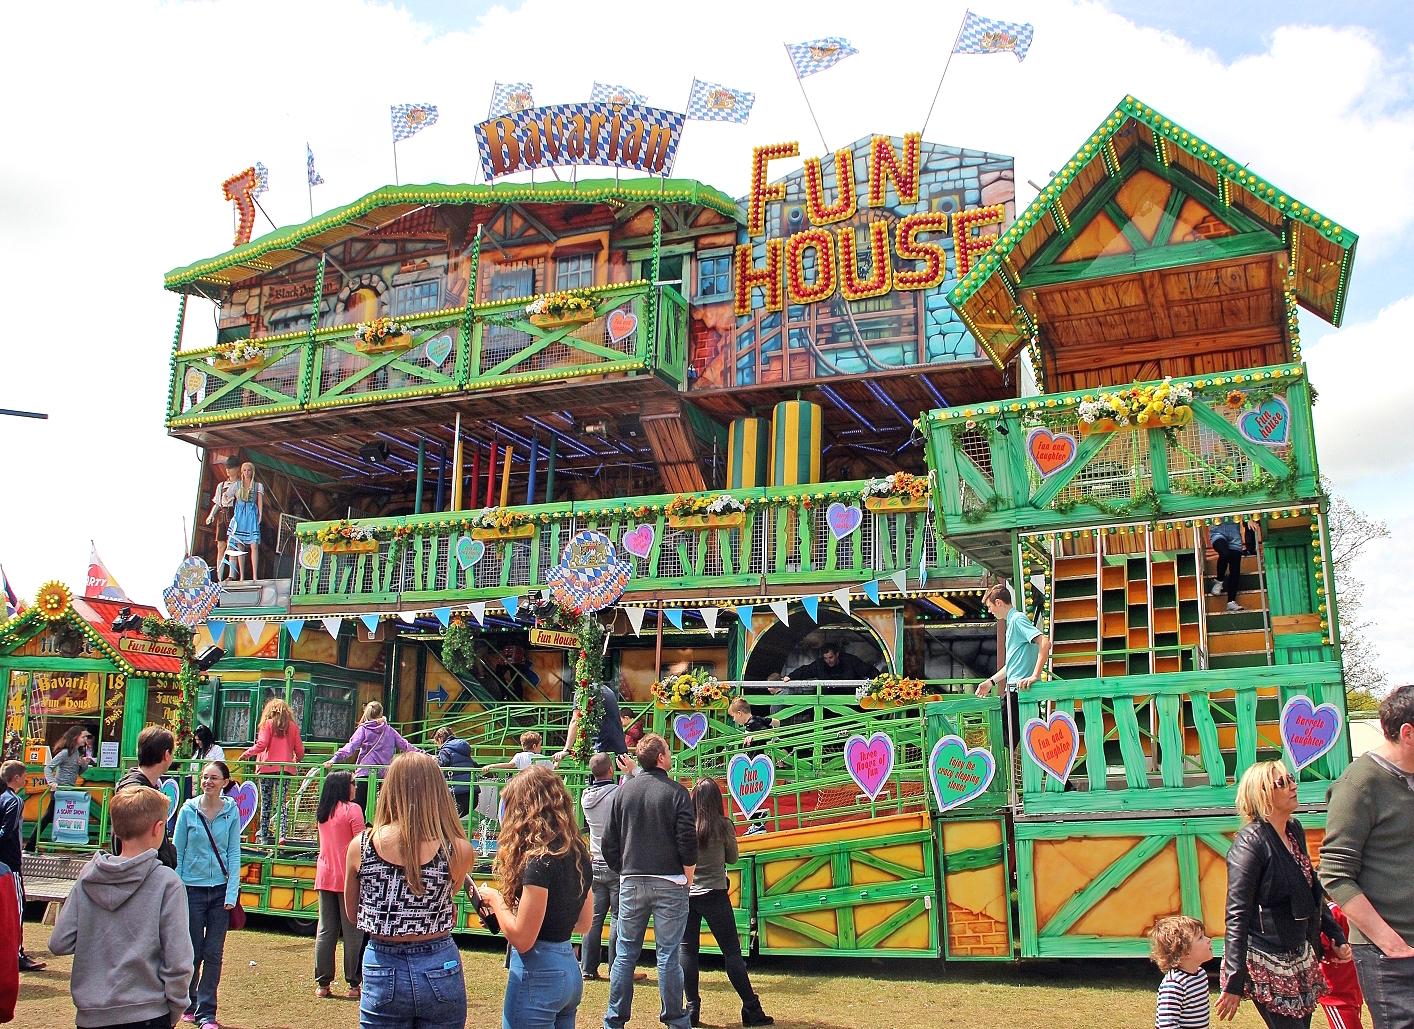 Funfair Rides